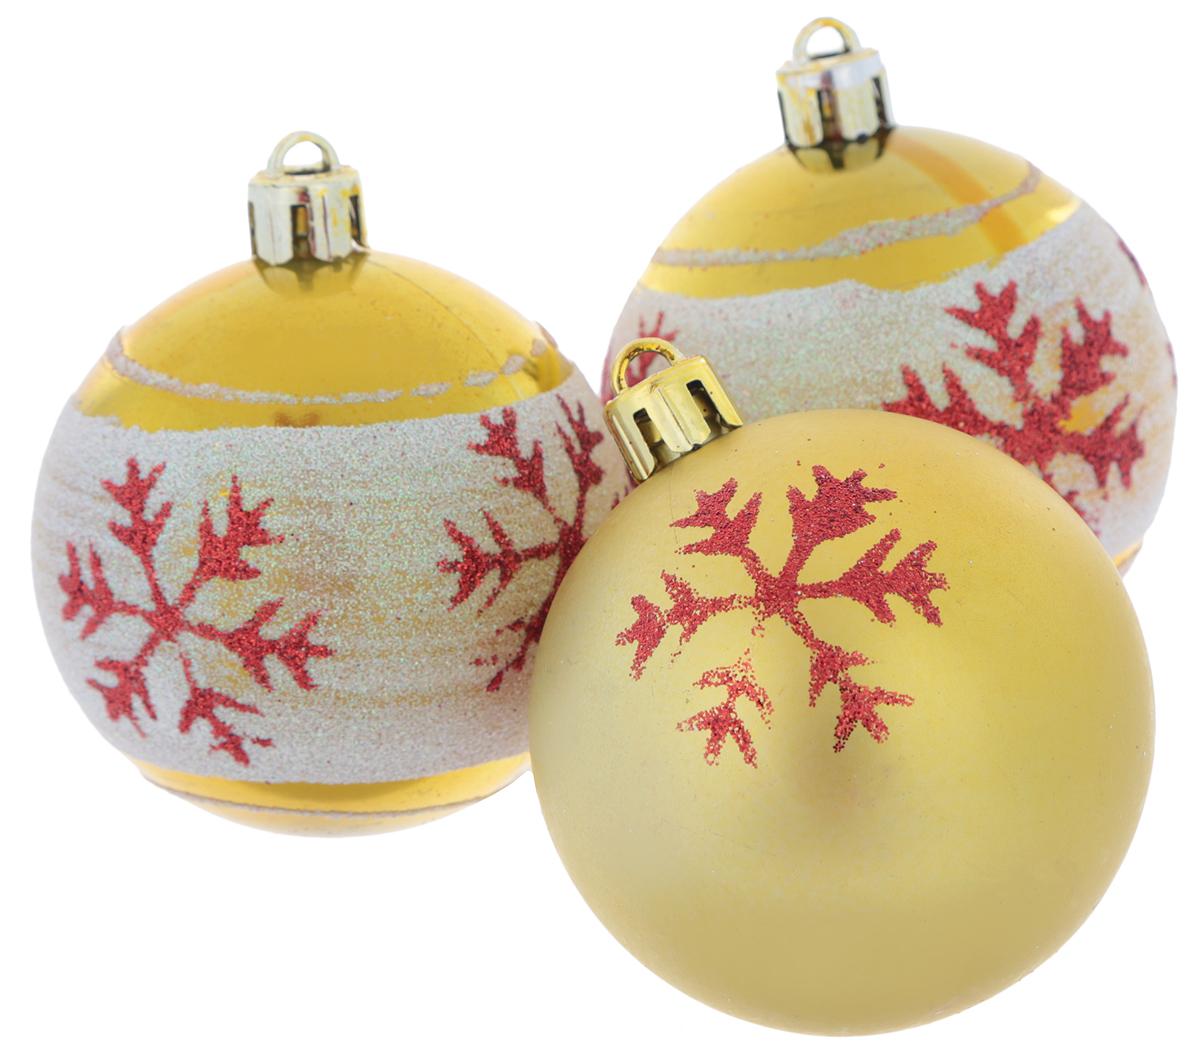 Набор новогодних подвесных украшений EuroHouse Снежинки, цвет: белый, золотистый, красный, диаметр 6 см, 3 штЕХ9268_2 белый, золотистый/1 золотистыйНабор новогодних подвесных украшений EuroHouse прекрасно подойдет для праздничного декора новогодней ели. Набор состоит из 2 пластиковых украшений в виде глянцевых шаров с белой полоской и 1 матового. Для удобного размещения на елке для каждого изделия предусмотрена текстильная петелька. Елочная игрушка - символ Нового года. Она несет в себе волшебство и красоту праздника. Создайте в своем доме атмосферу веселья и радости, украшая новогоднюю елку нарядными игрушками, которые будут из года в год накапливать теплоту воспоминаний.